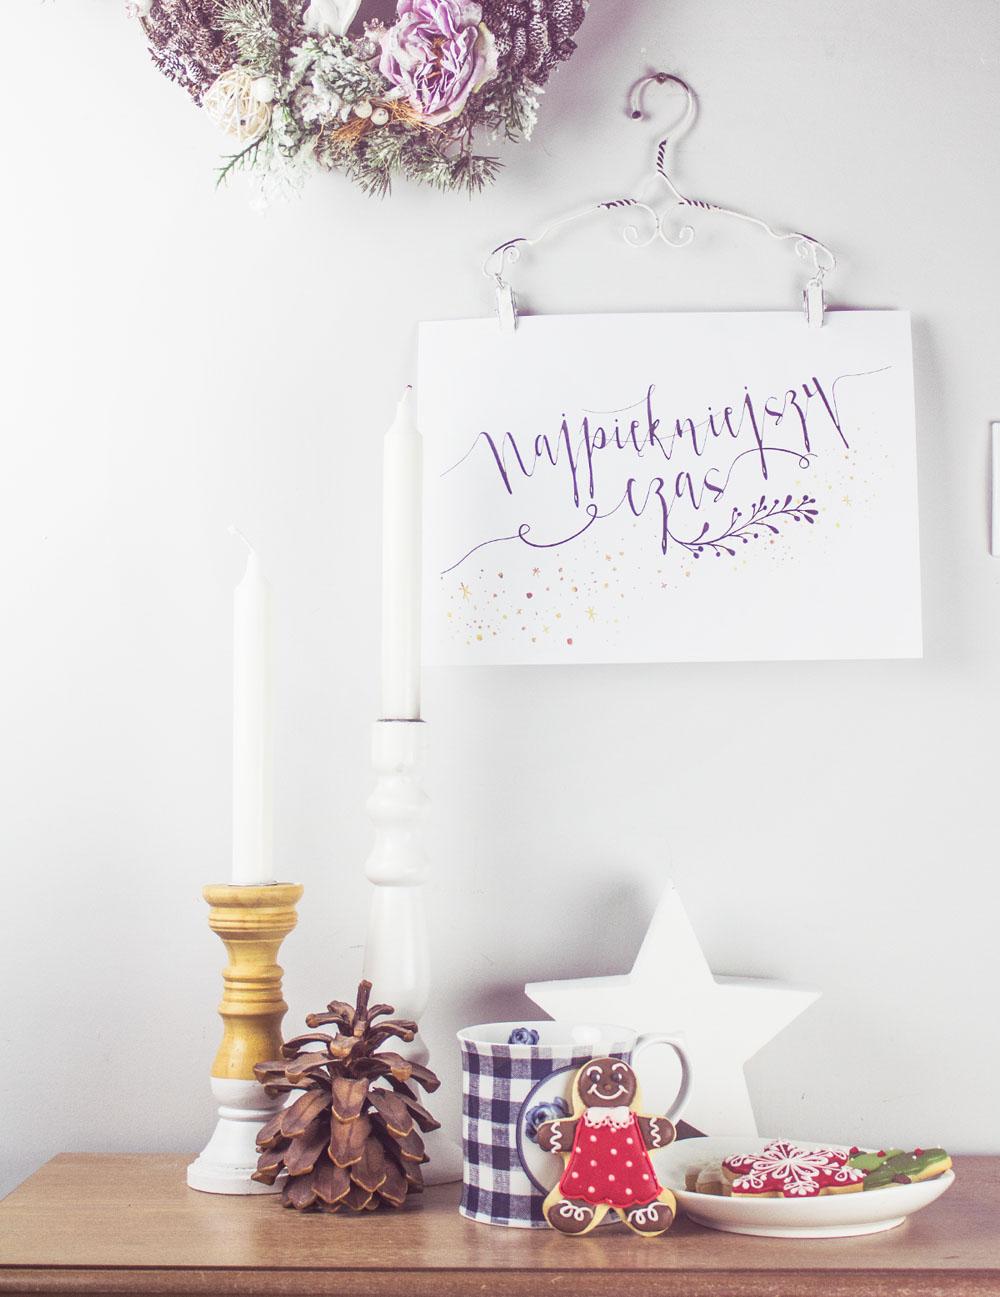 obrazki-ze-świąteczymi-napisami